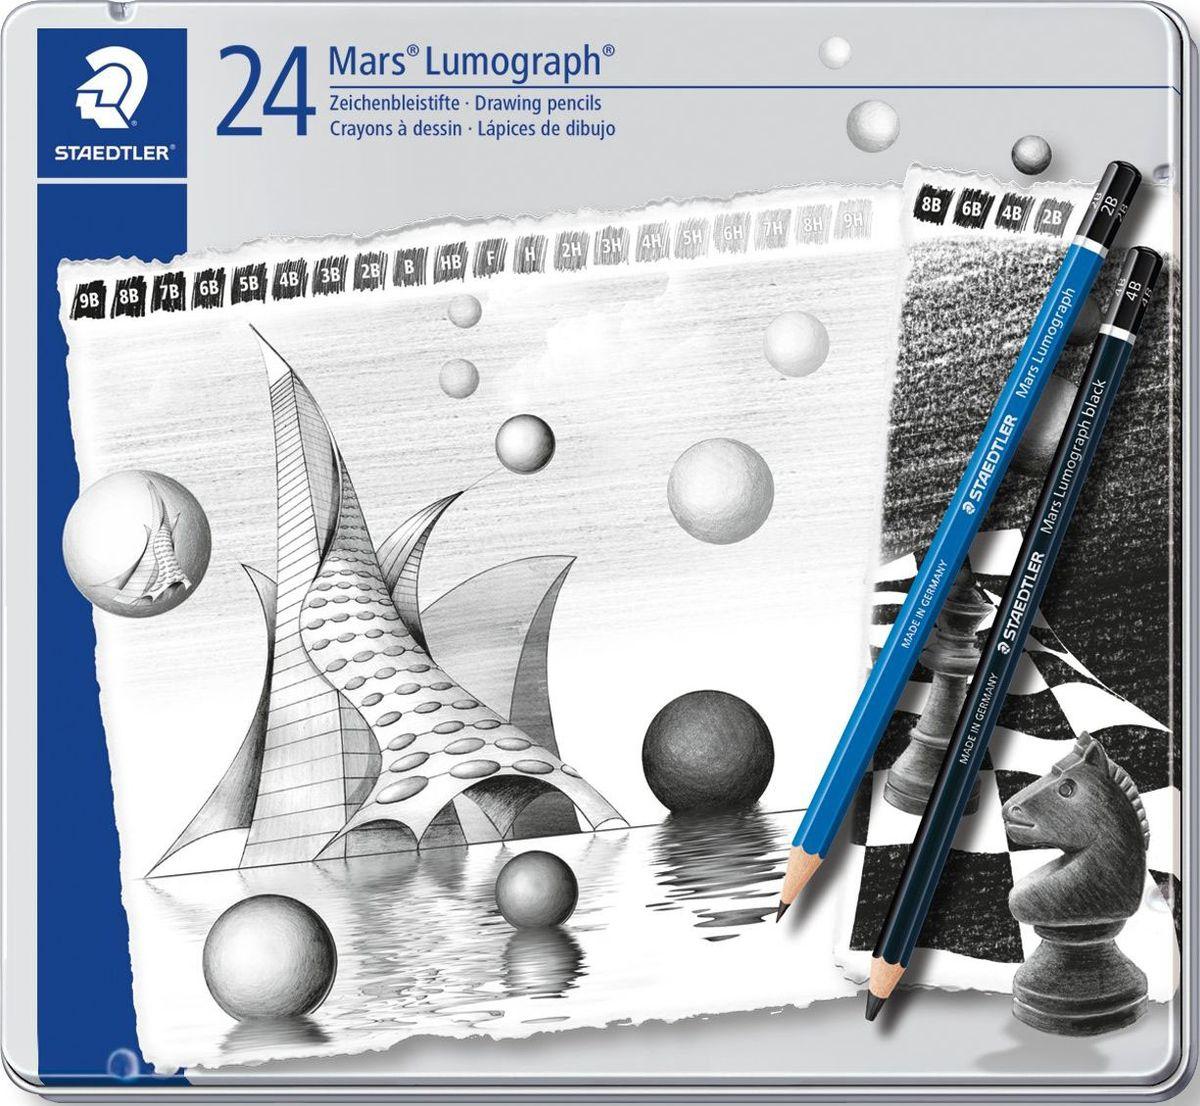 StaedtlerНабор чернографитовых карандашей Mars Lumograph 100 24 шт Staedtler